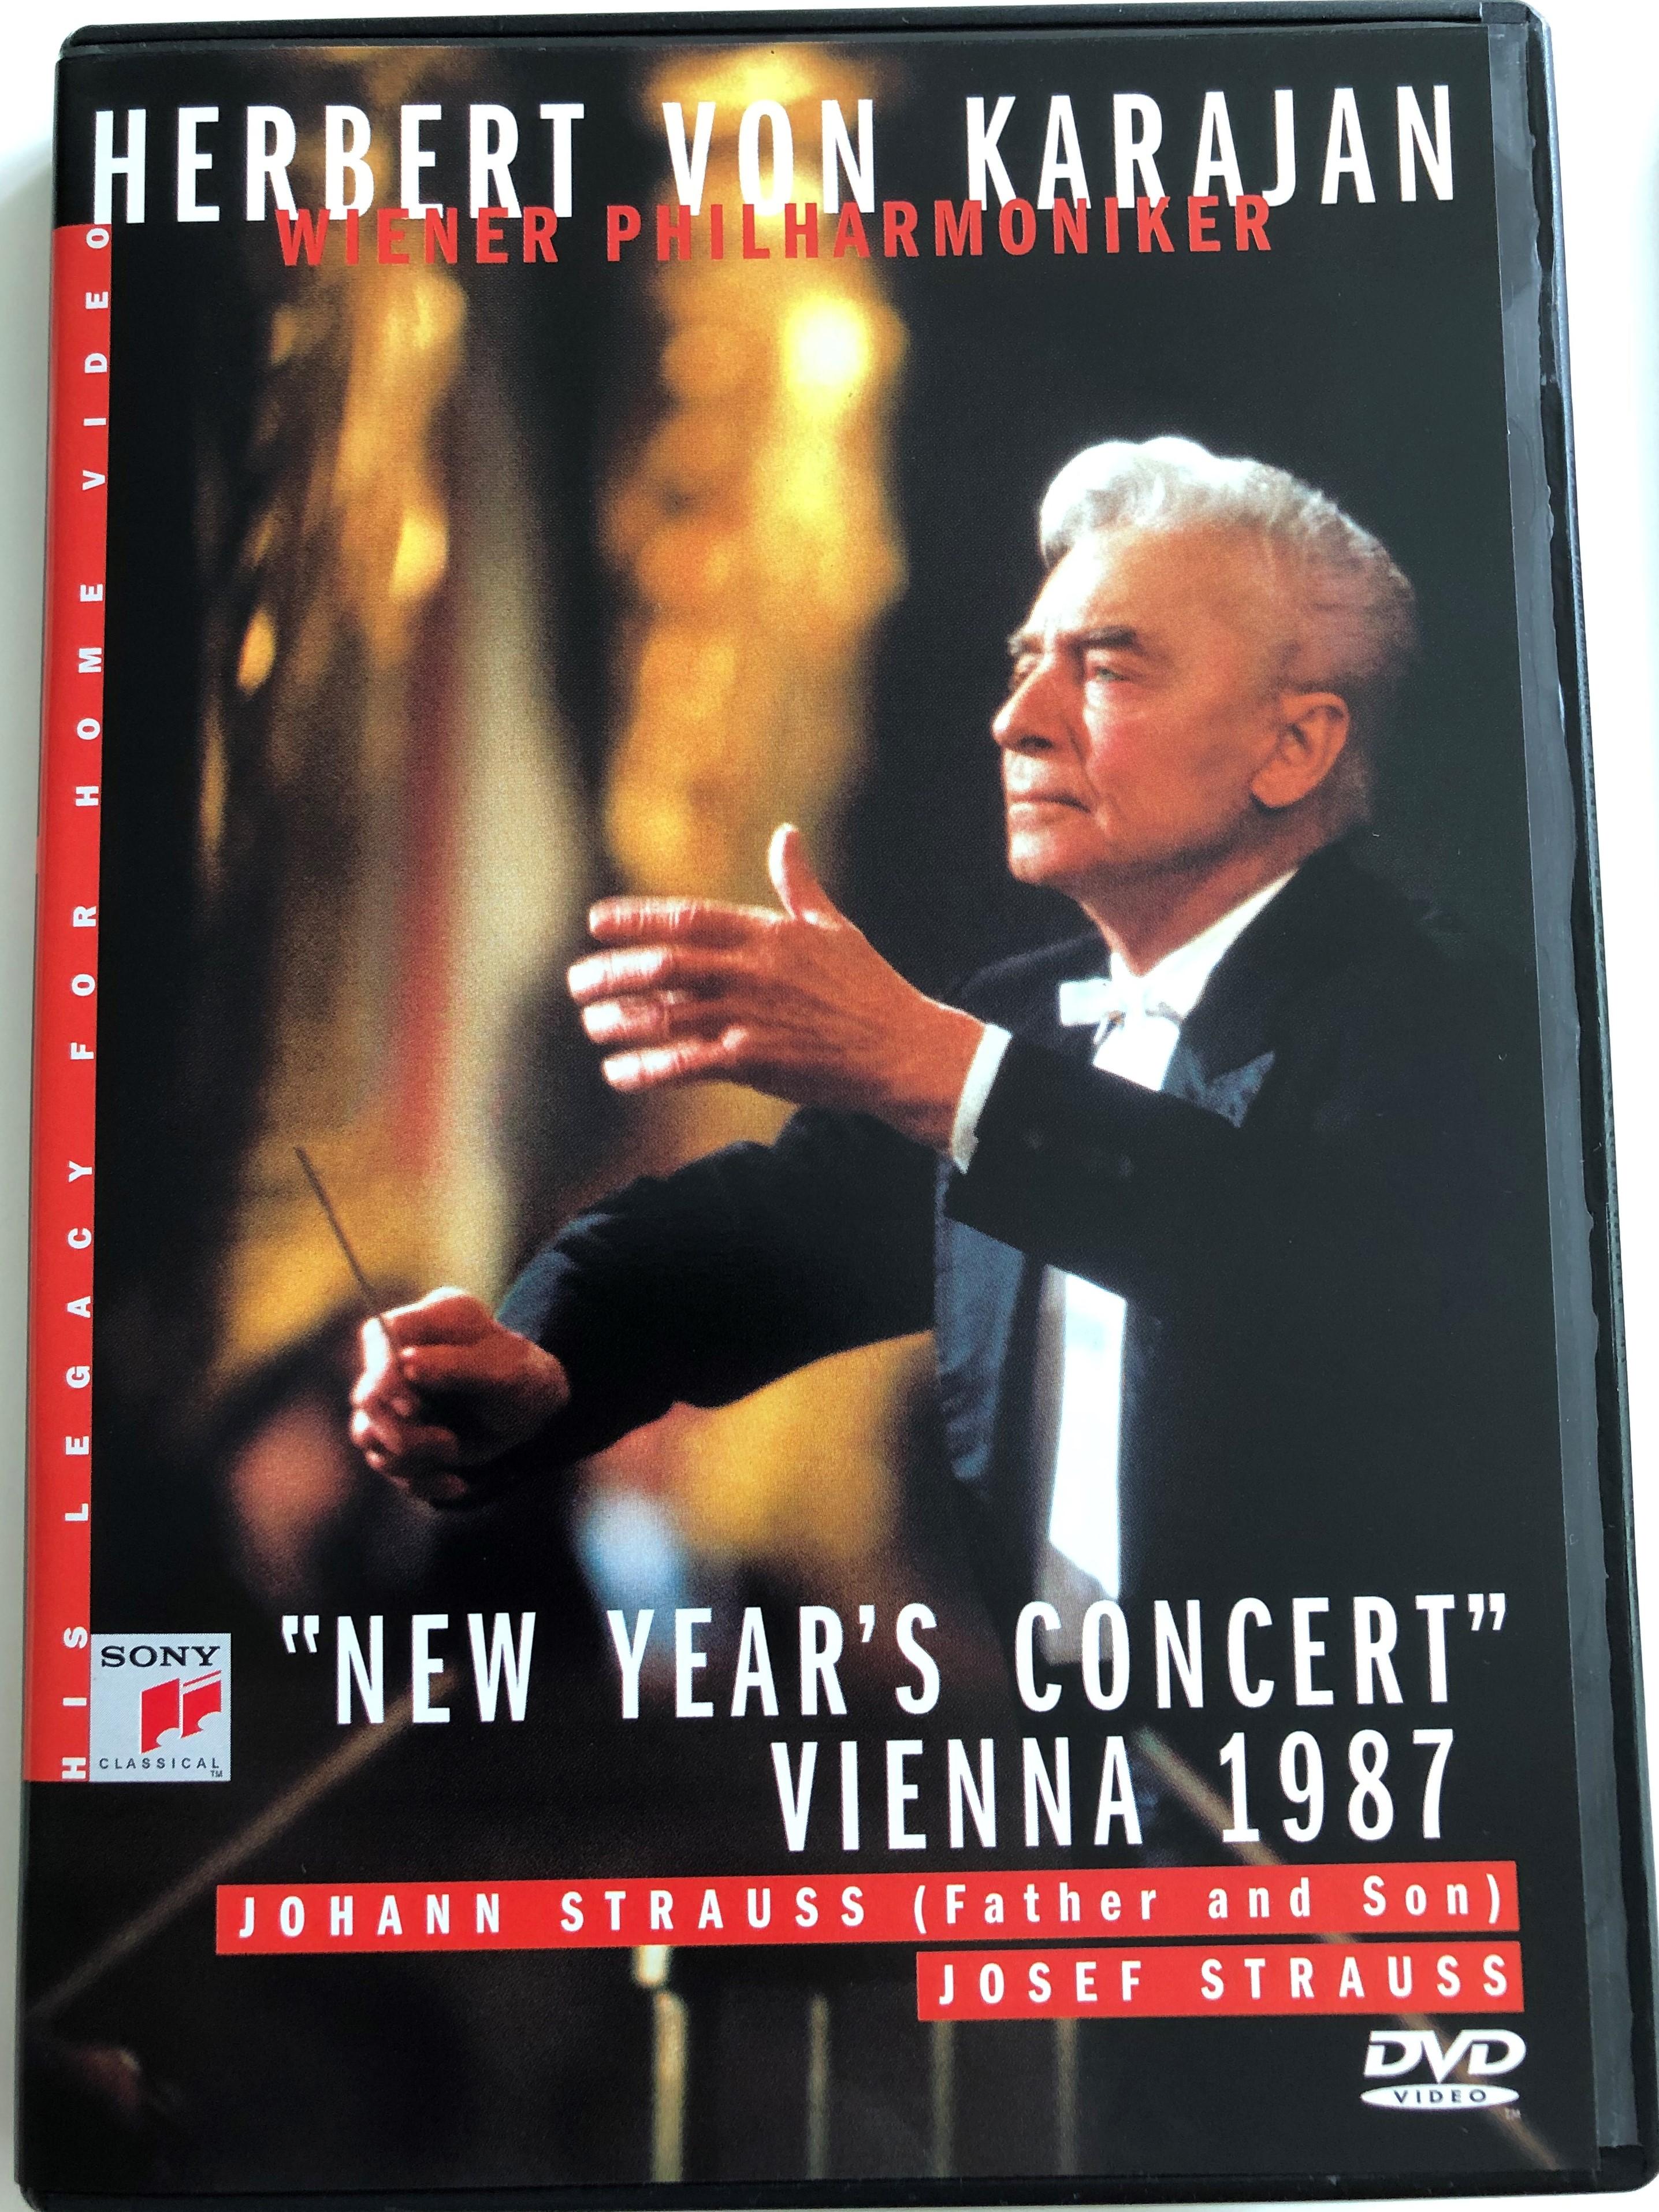 herbert-von-karajan-new-year-s-eve-concert-dvd-1987-wiener-philharmoniker-directed-by-gunter-hermanns-johann-strauss-father-and-son-josef-strauss-svd-45985-1-.jpg